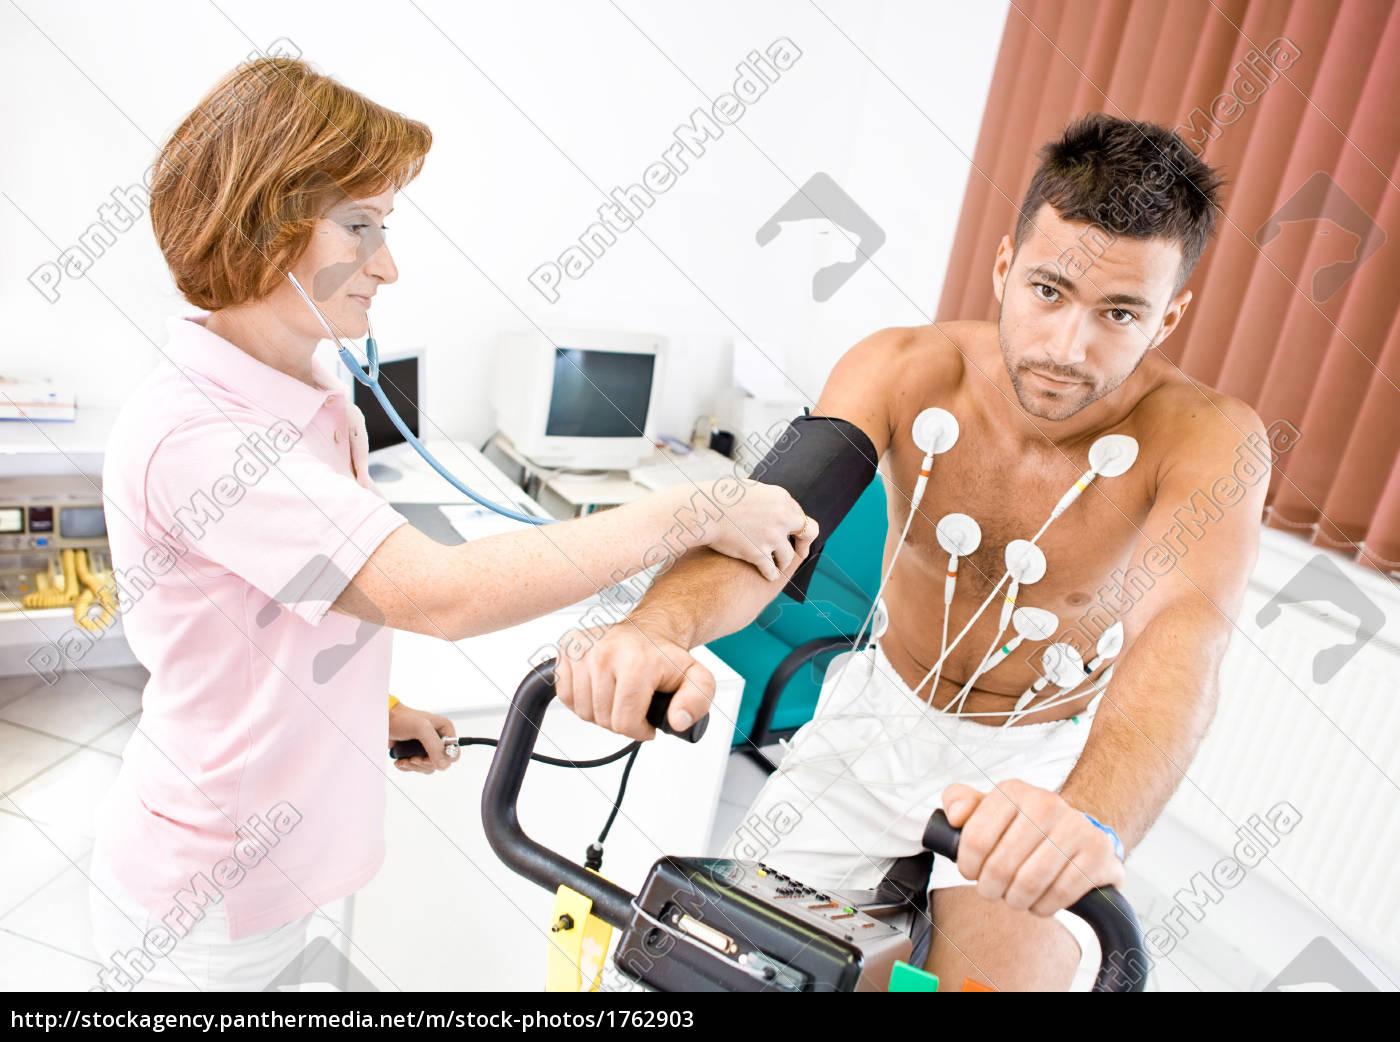 nurse, working - 1762903